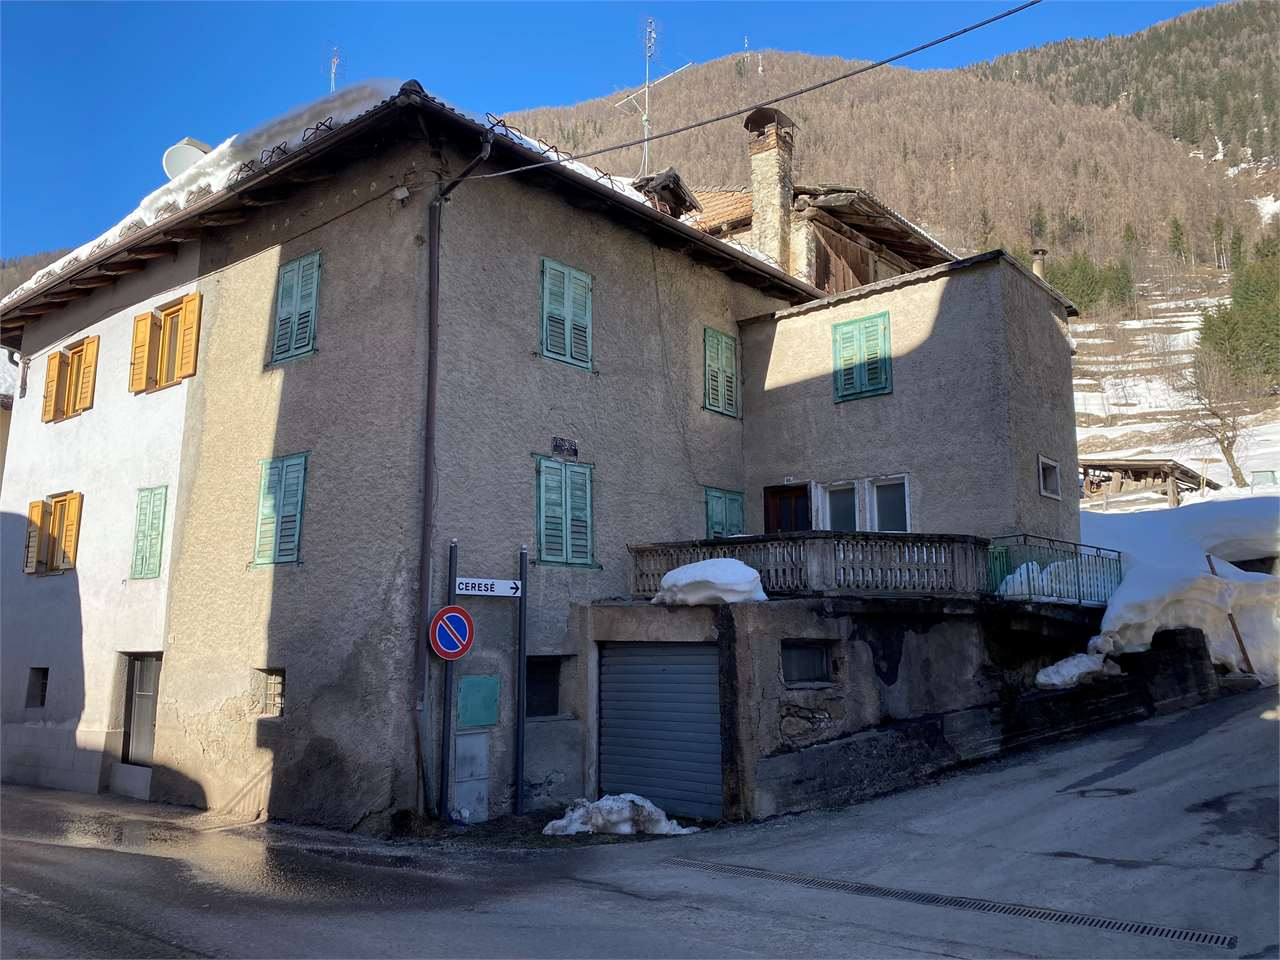 Rustico / Casale in vendita a Rabbi, 6 locali, prezzo € 58.000 | CambioCasa.it